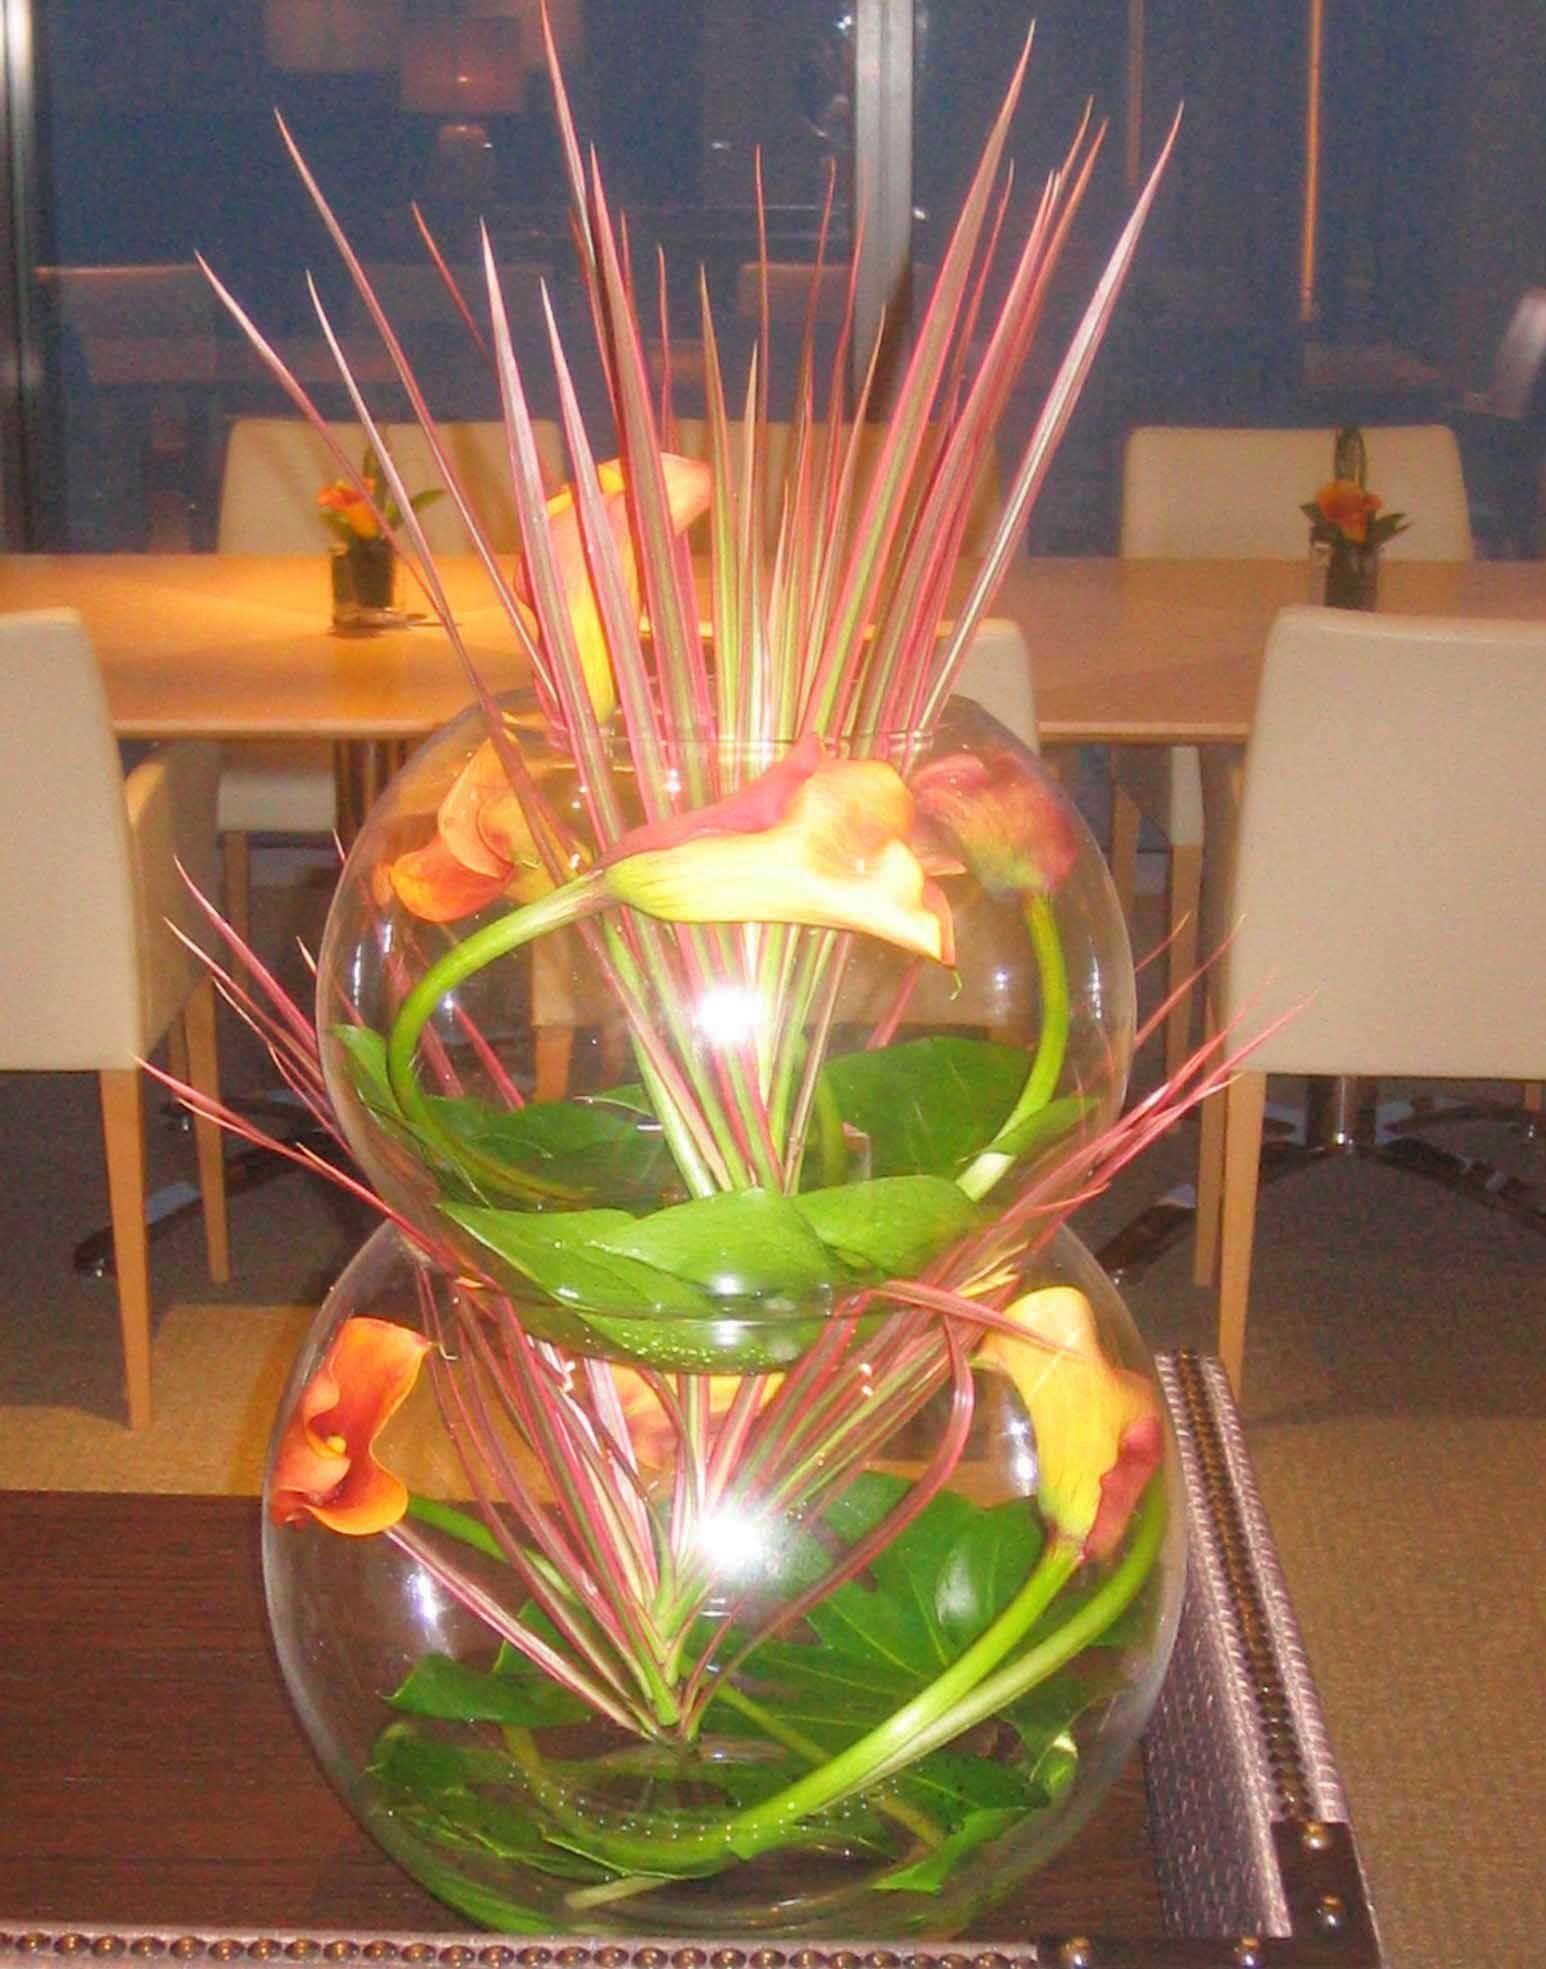 large vase floral arrangements of flower arrangement in vase awesome 34 od gold fish bowl with orange regarding flower arrangement in vase awesome 34 od gold fish bowl with orange calla lily incased inside